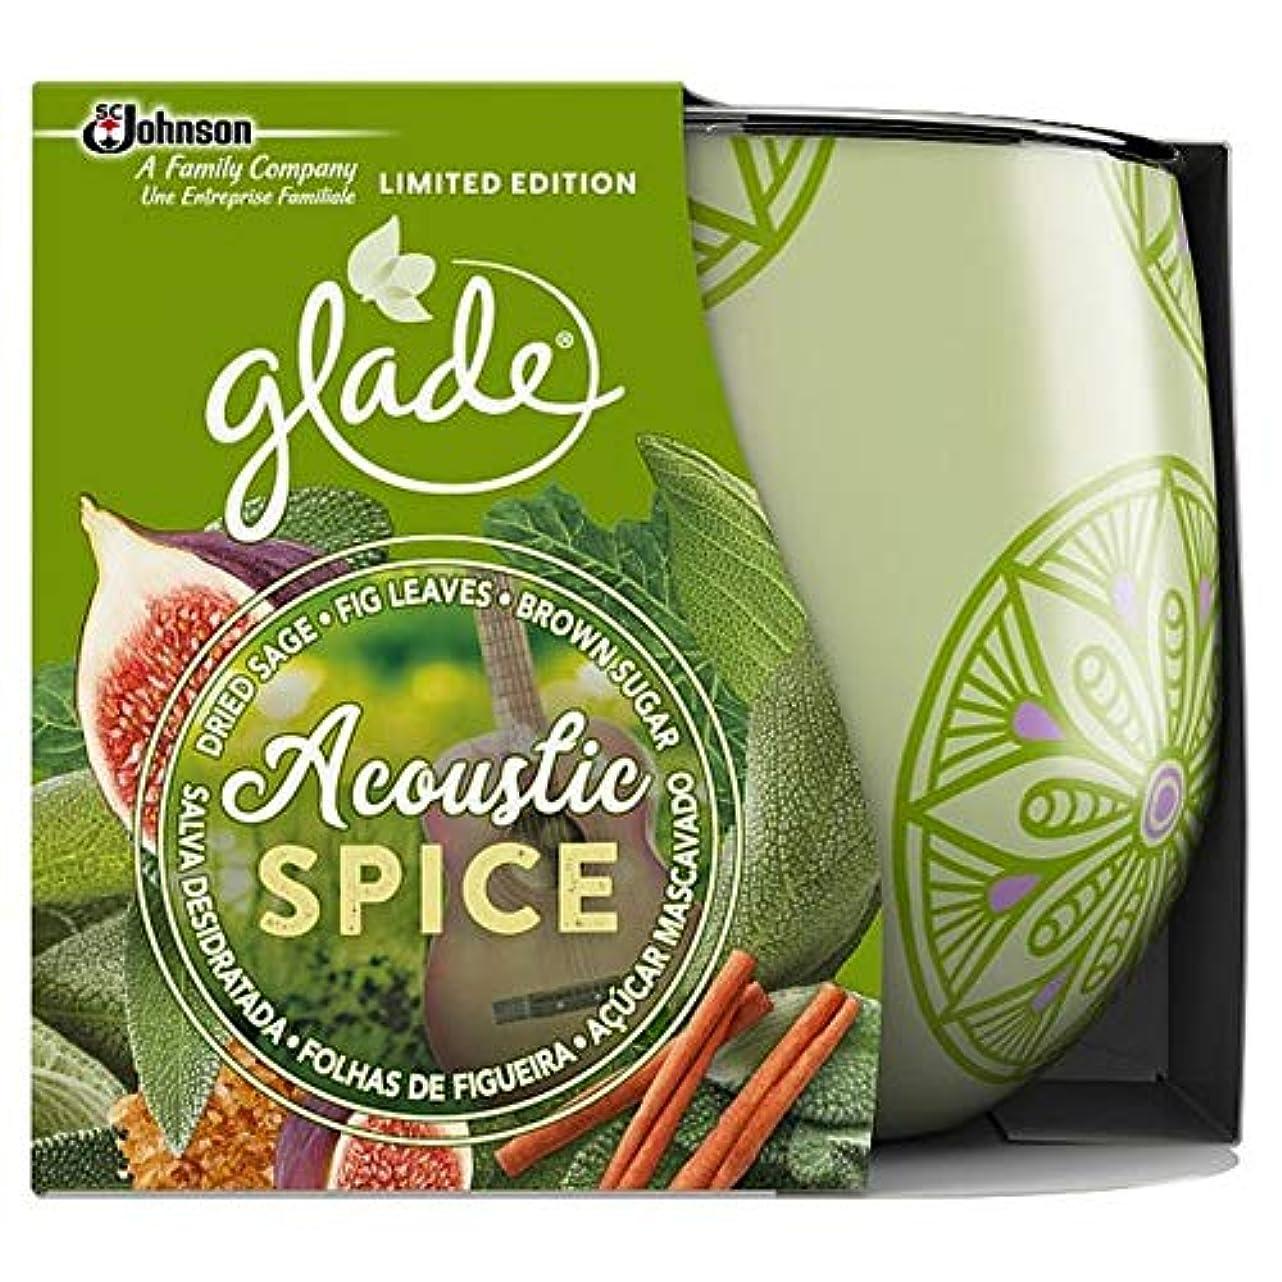 略語言語海外で[Glade ] 音響スパイスキャンドル120グラムを空き地 - Glade Acoustic Spice Candle 120G [並行輸入品]